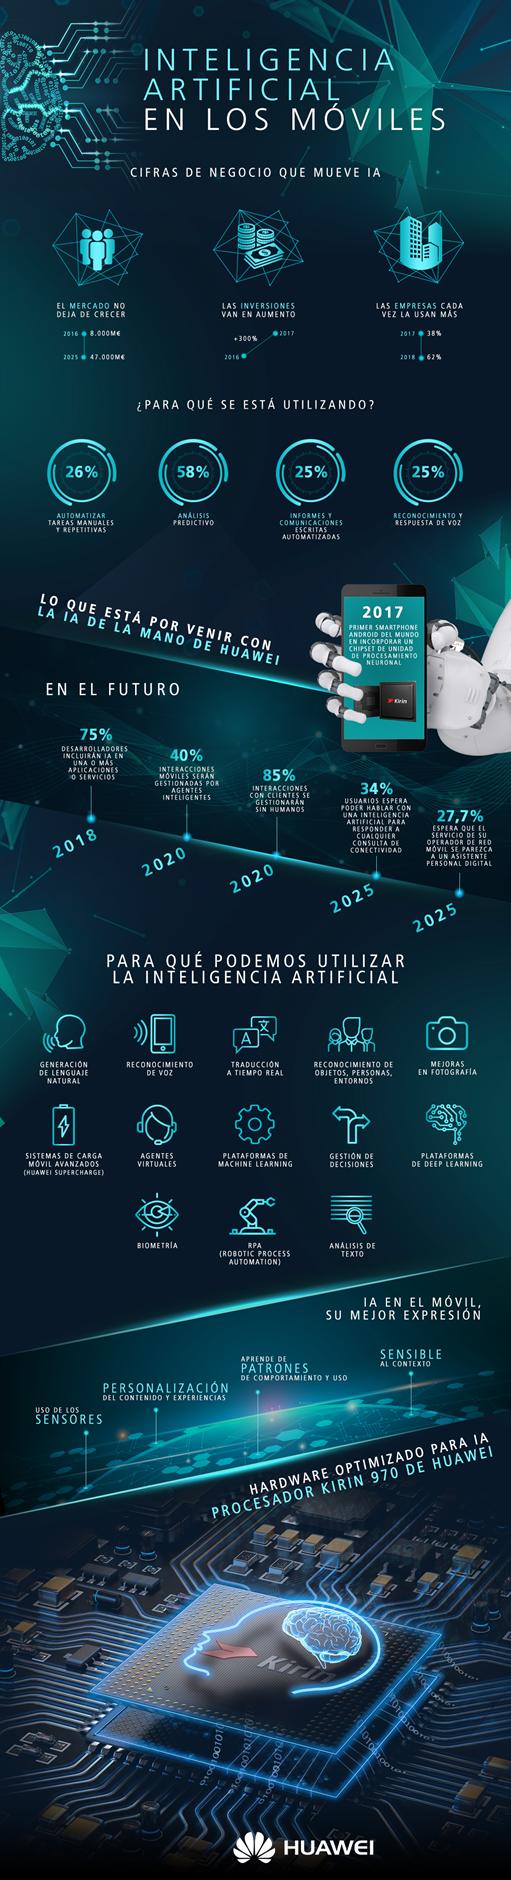 Infografía Inteligencia Artificial Huawei